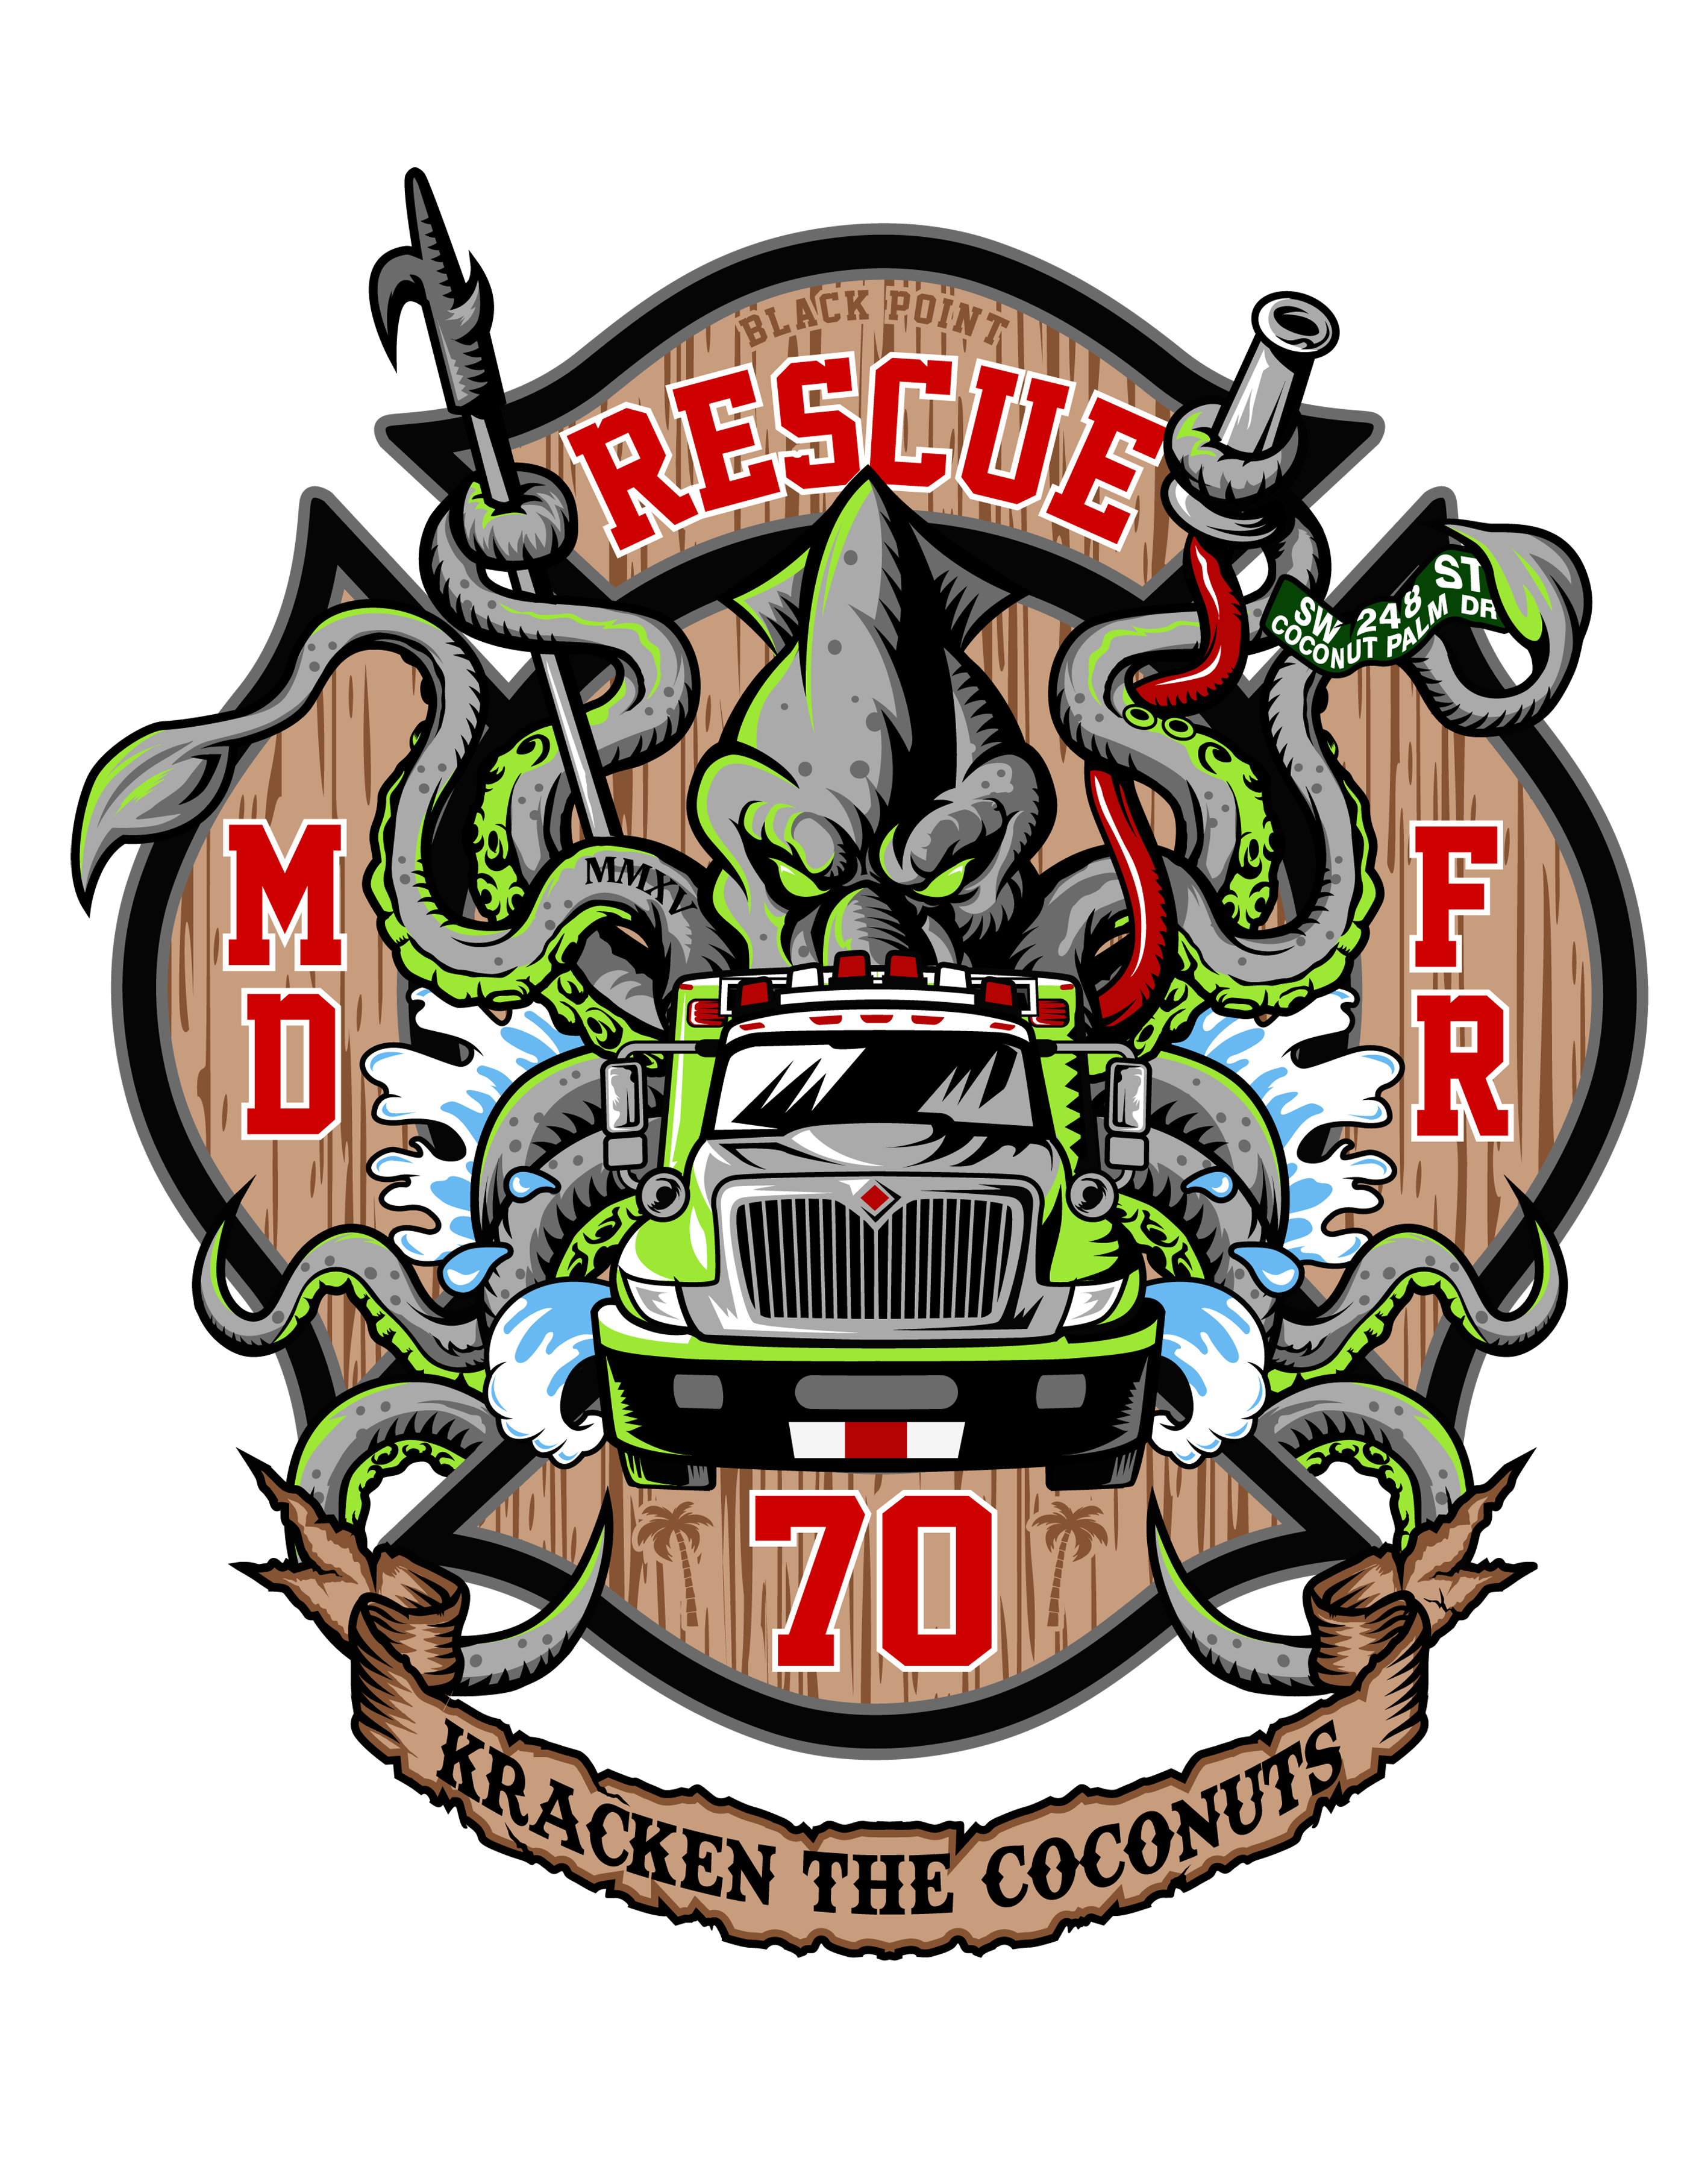 Rescue 70 mdfr